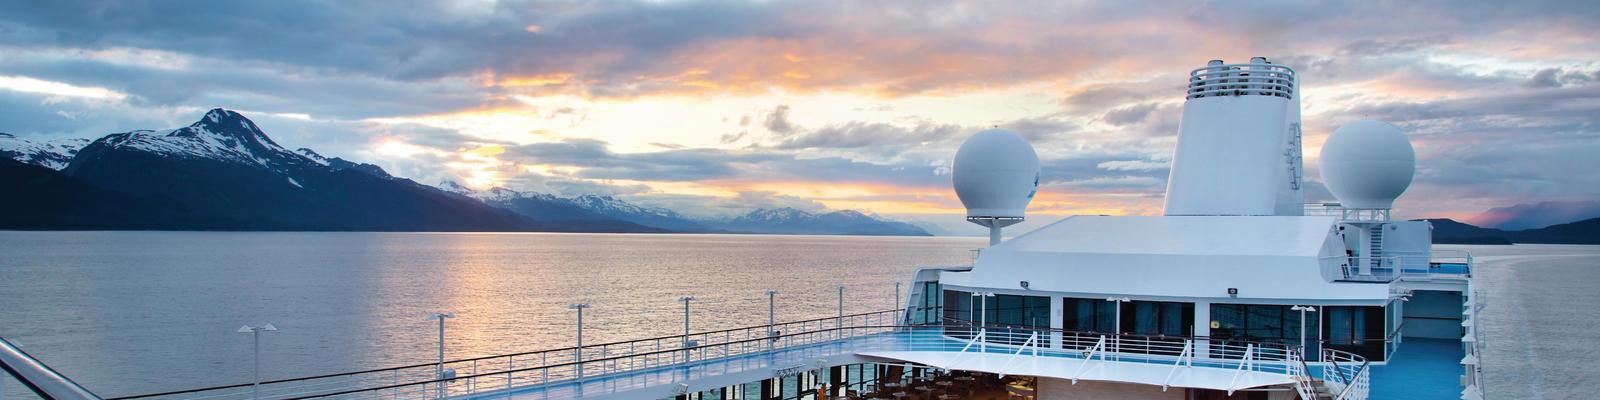 Oceania Sirena Cruise Ship